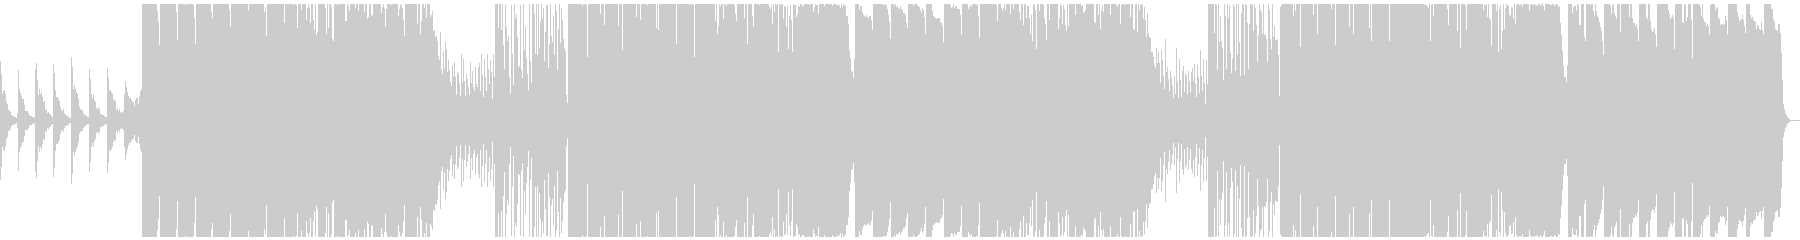 サブベース強めのシリアスなエレクトロの未再生の波形